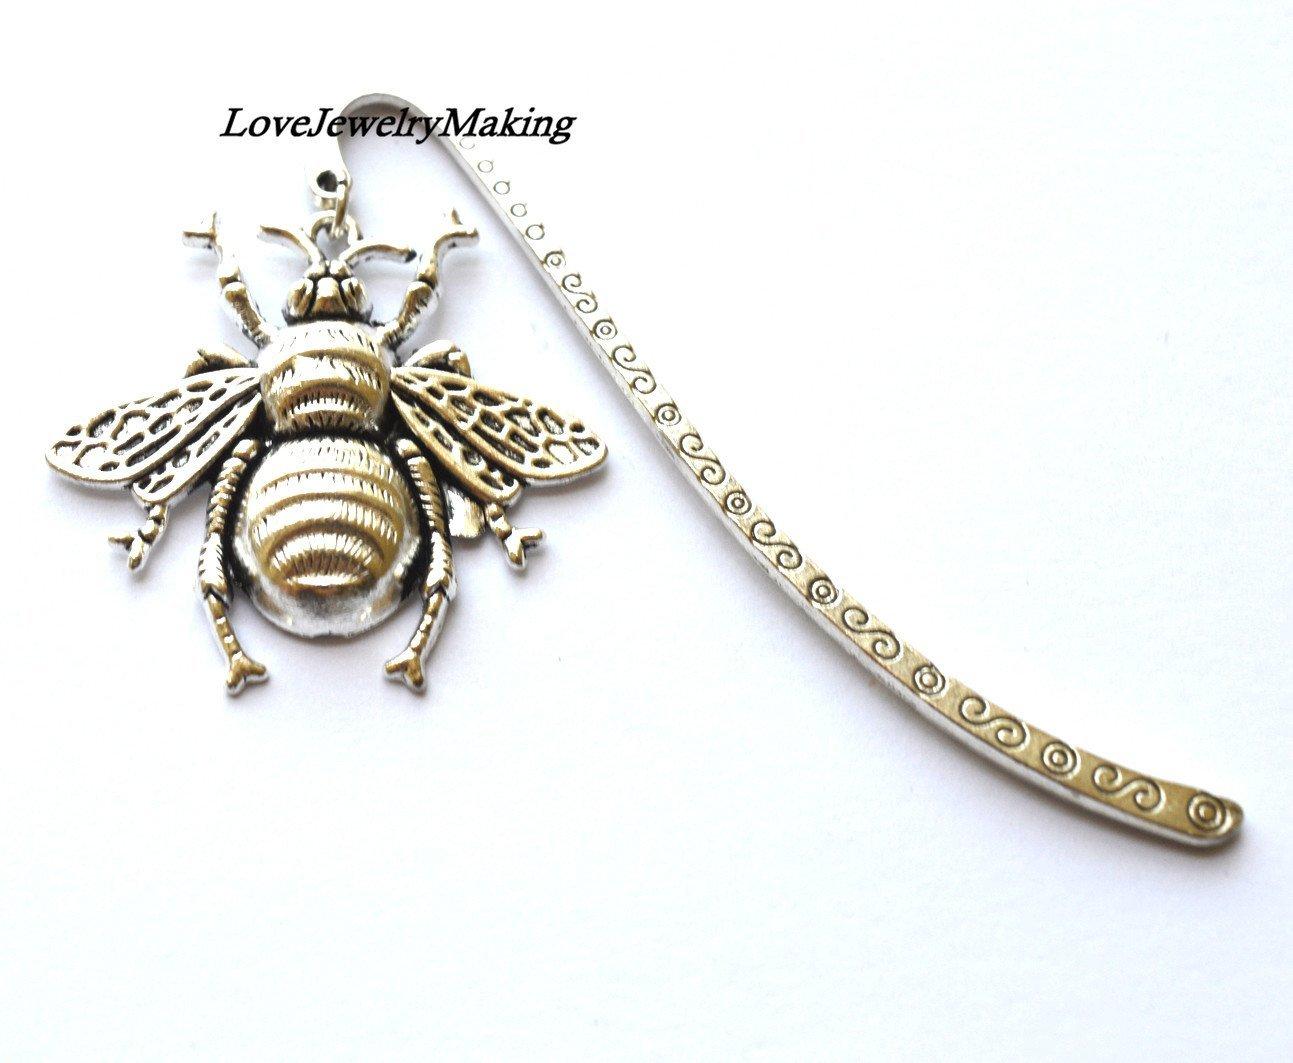 Honeybee Bookmark,graduation gift teacher gift,Unique Honeybee Bookmarks Halloween bookmark bookworm, reading lover gift